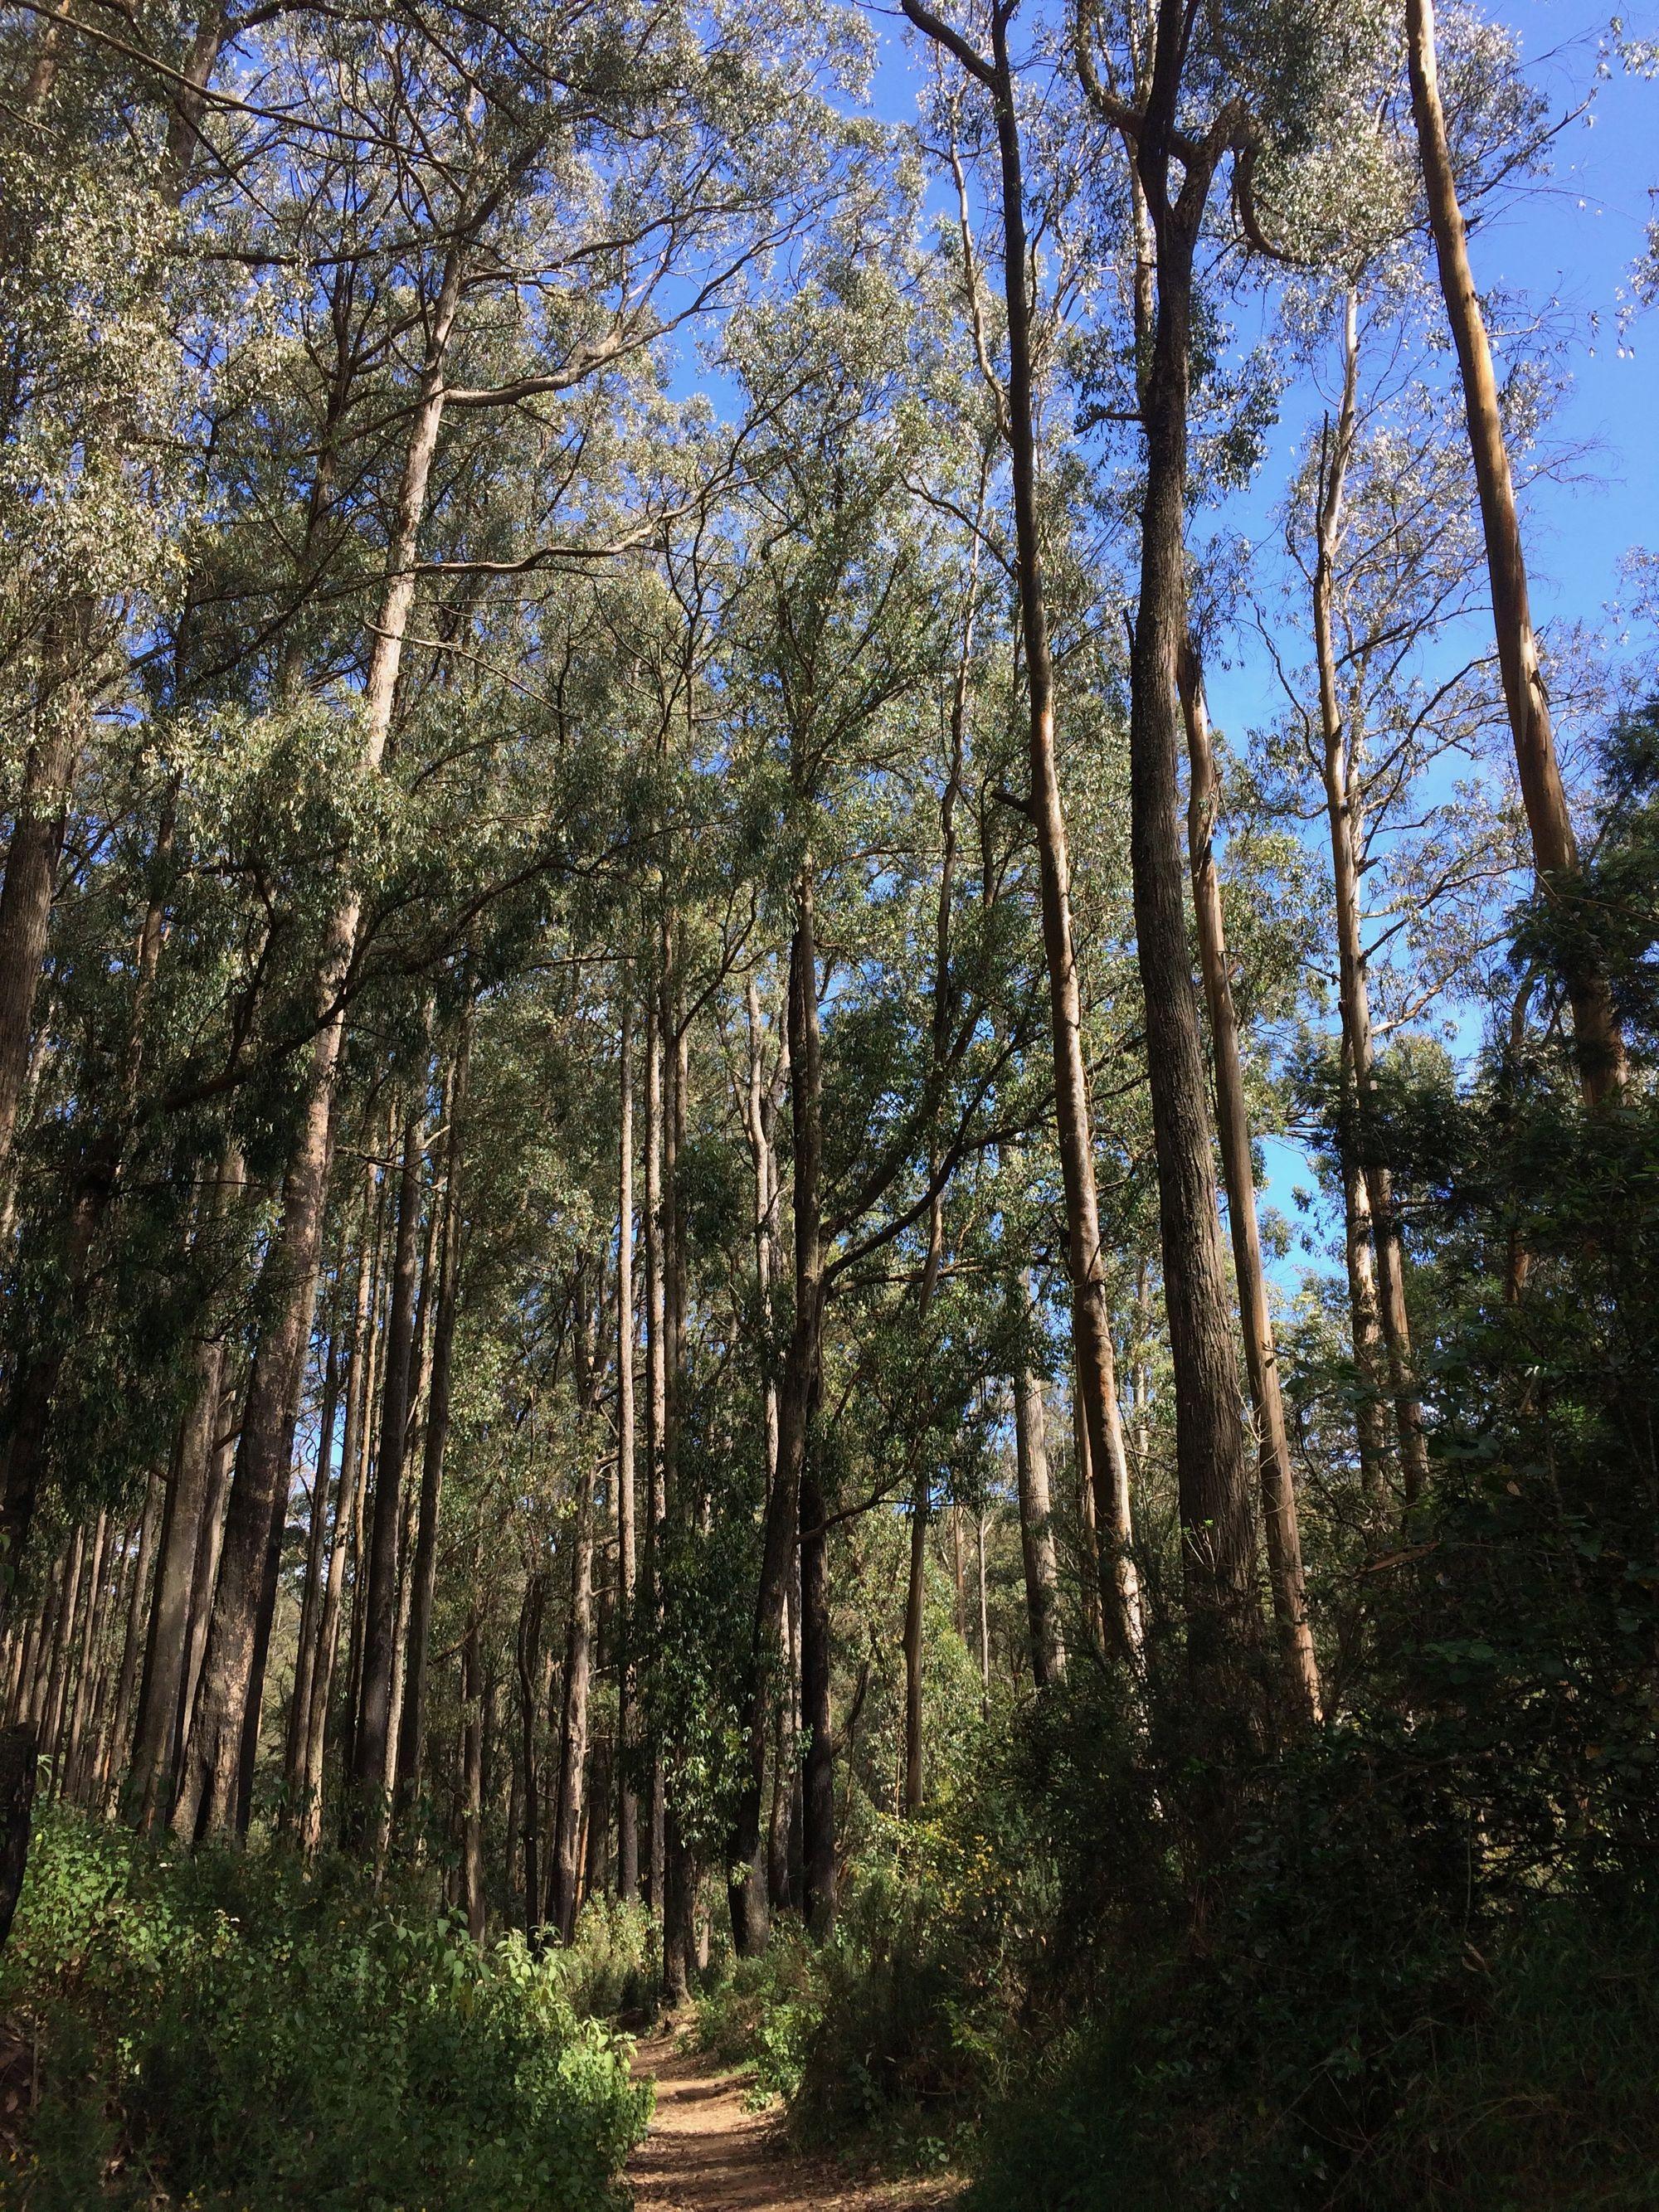 Canopy of Nilgiri forest